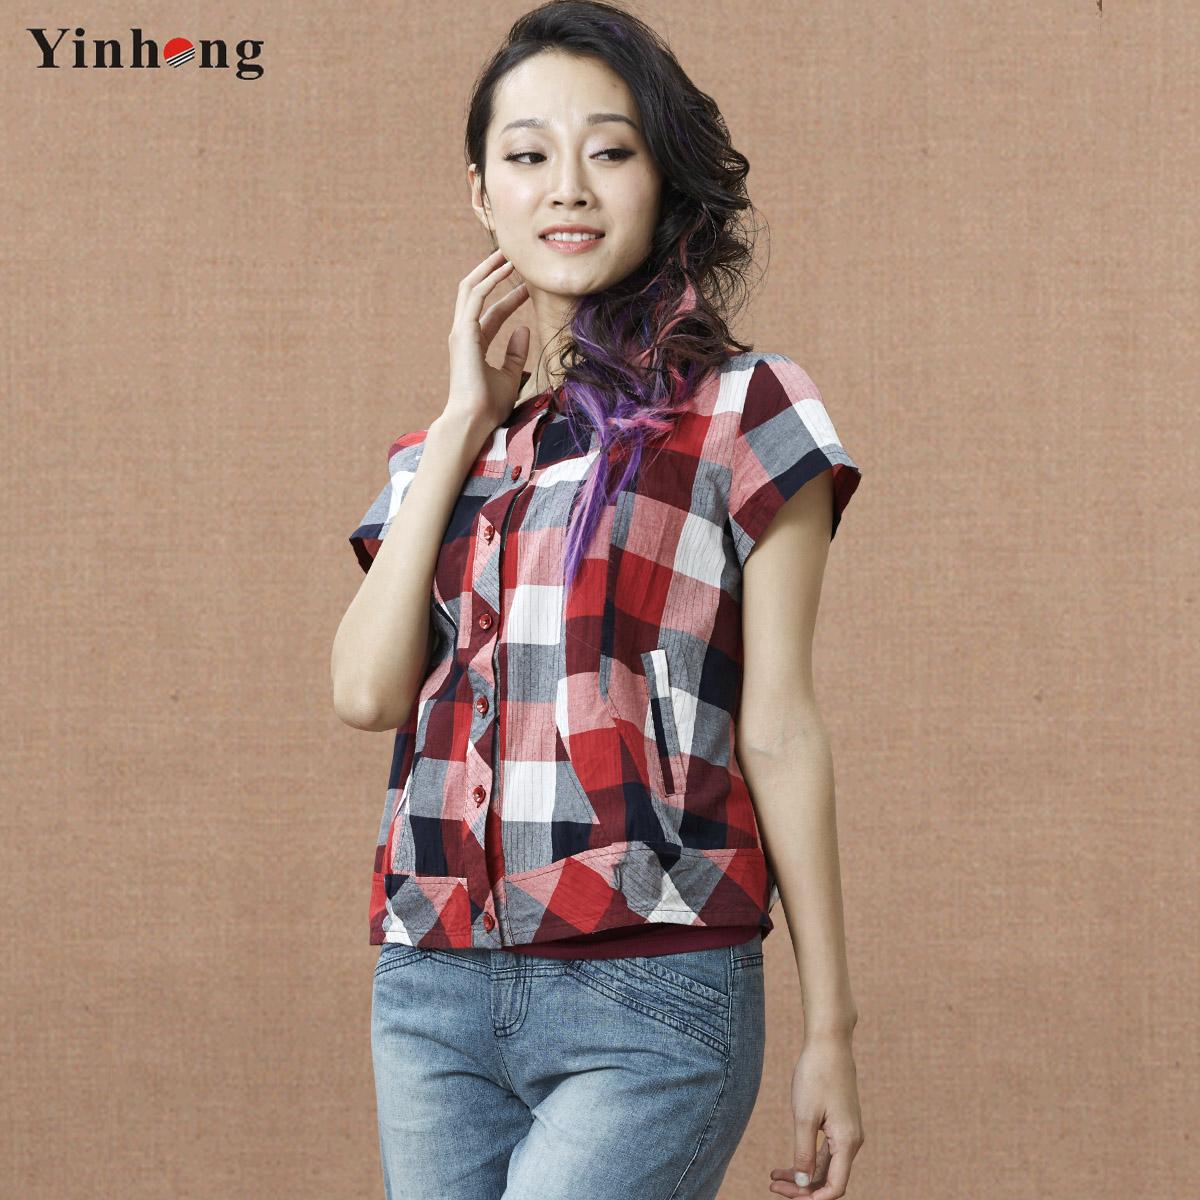 尹红衬衫女2014新款夏装女装 纯棉格子短袖翻领短款衬衣 短外套女